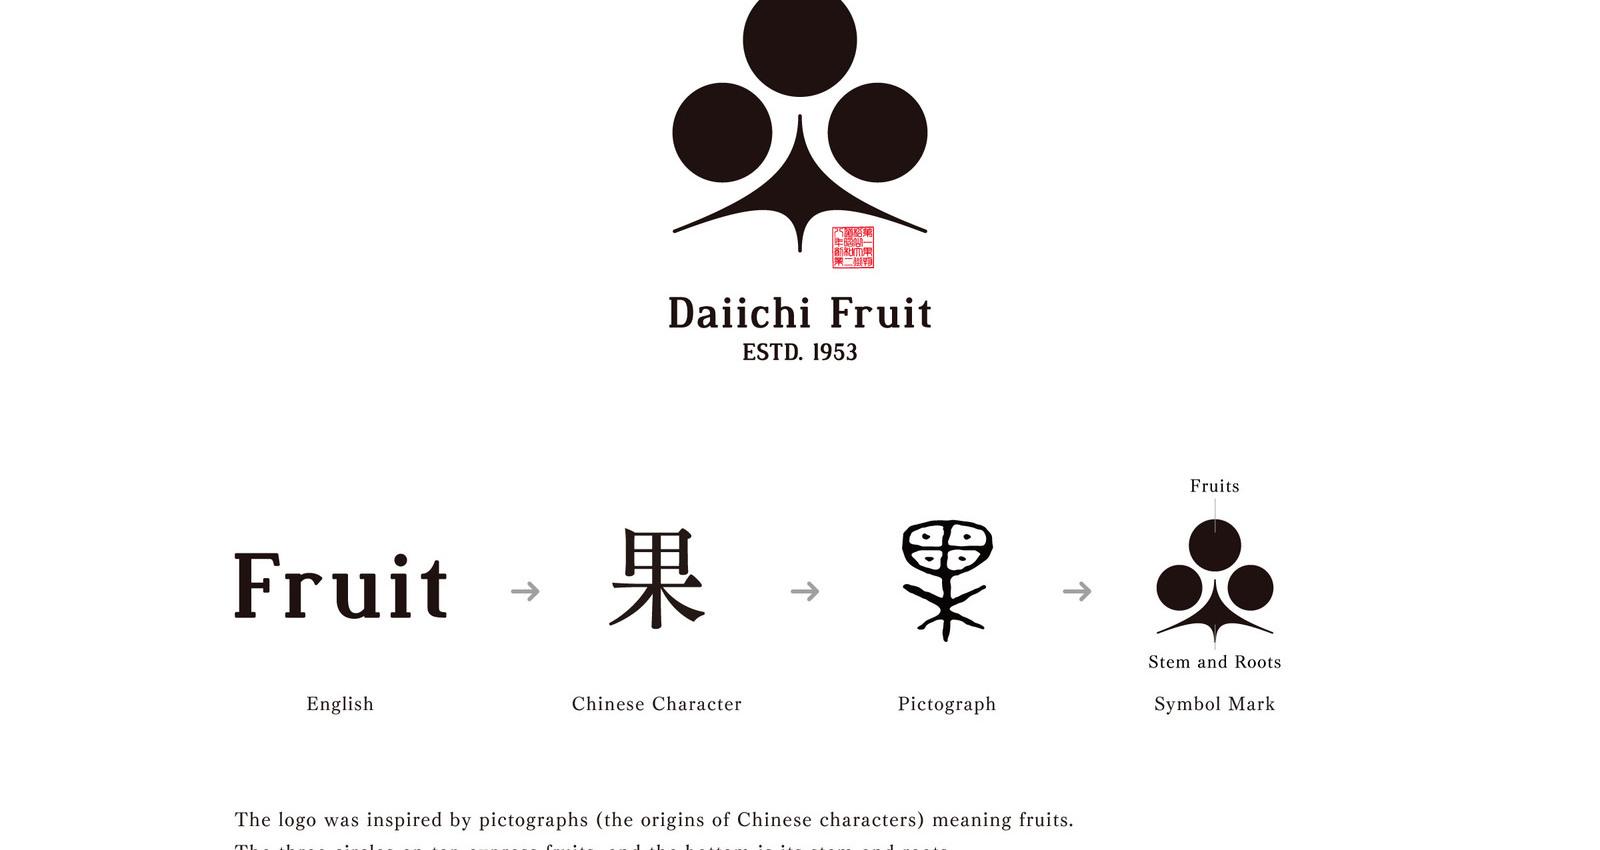 Daiichi Fruit